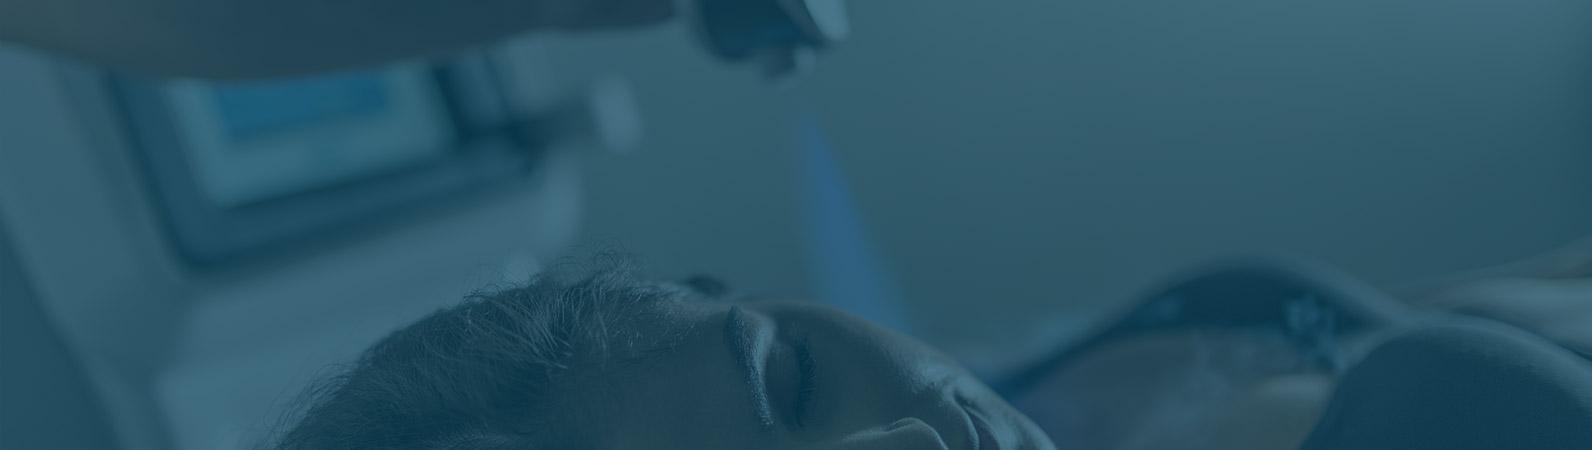 cryothérapie localisée traitement visage femme acné eczéma psoriasis